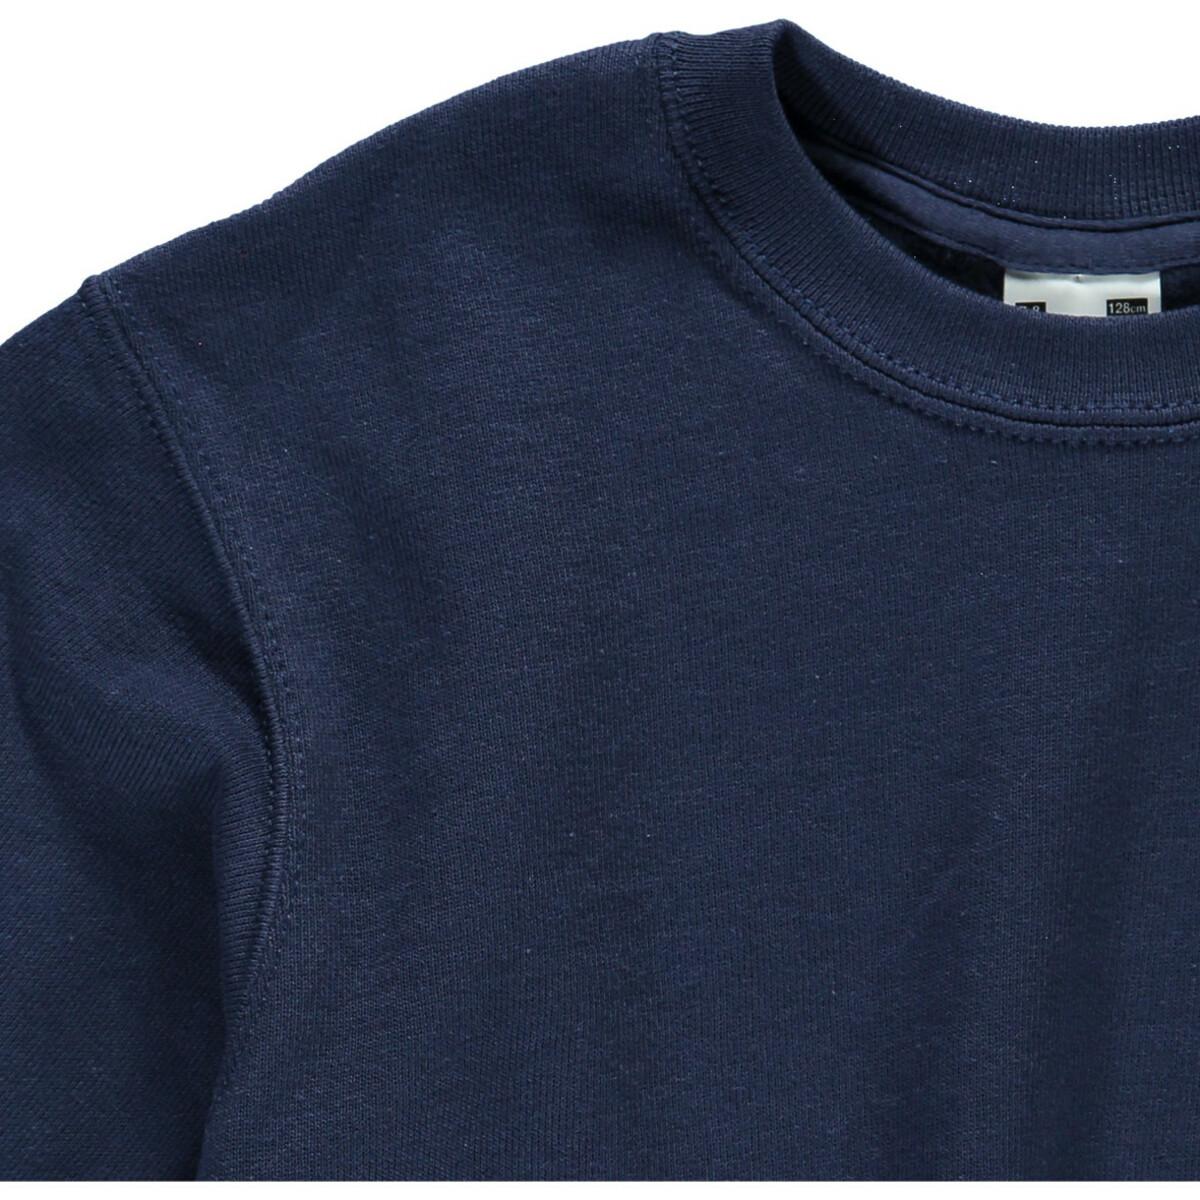 Bild 3 von Kinder Basic-Sweatshirt